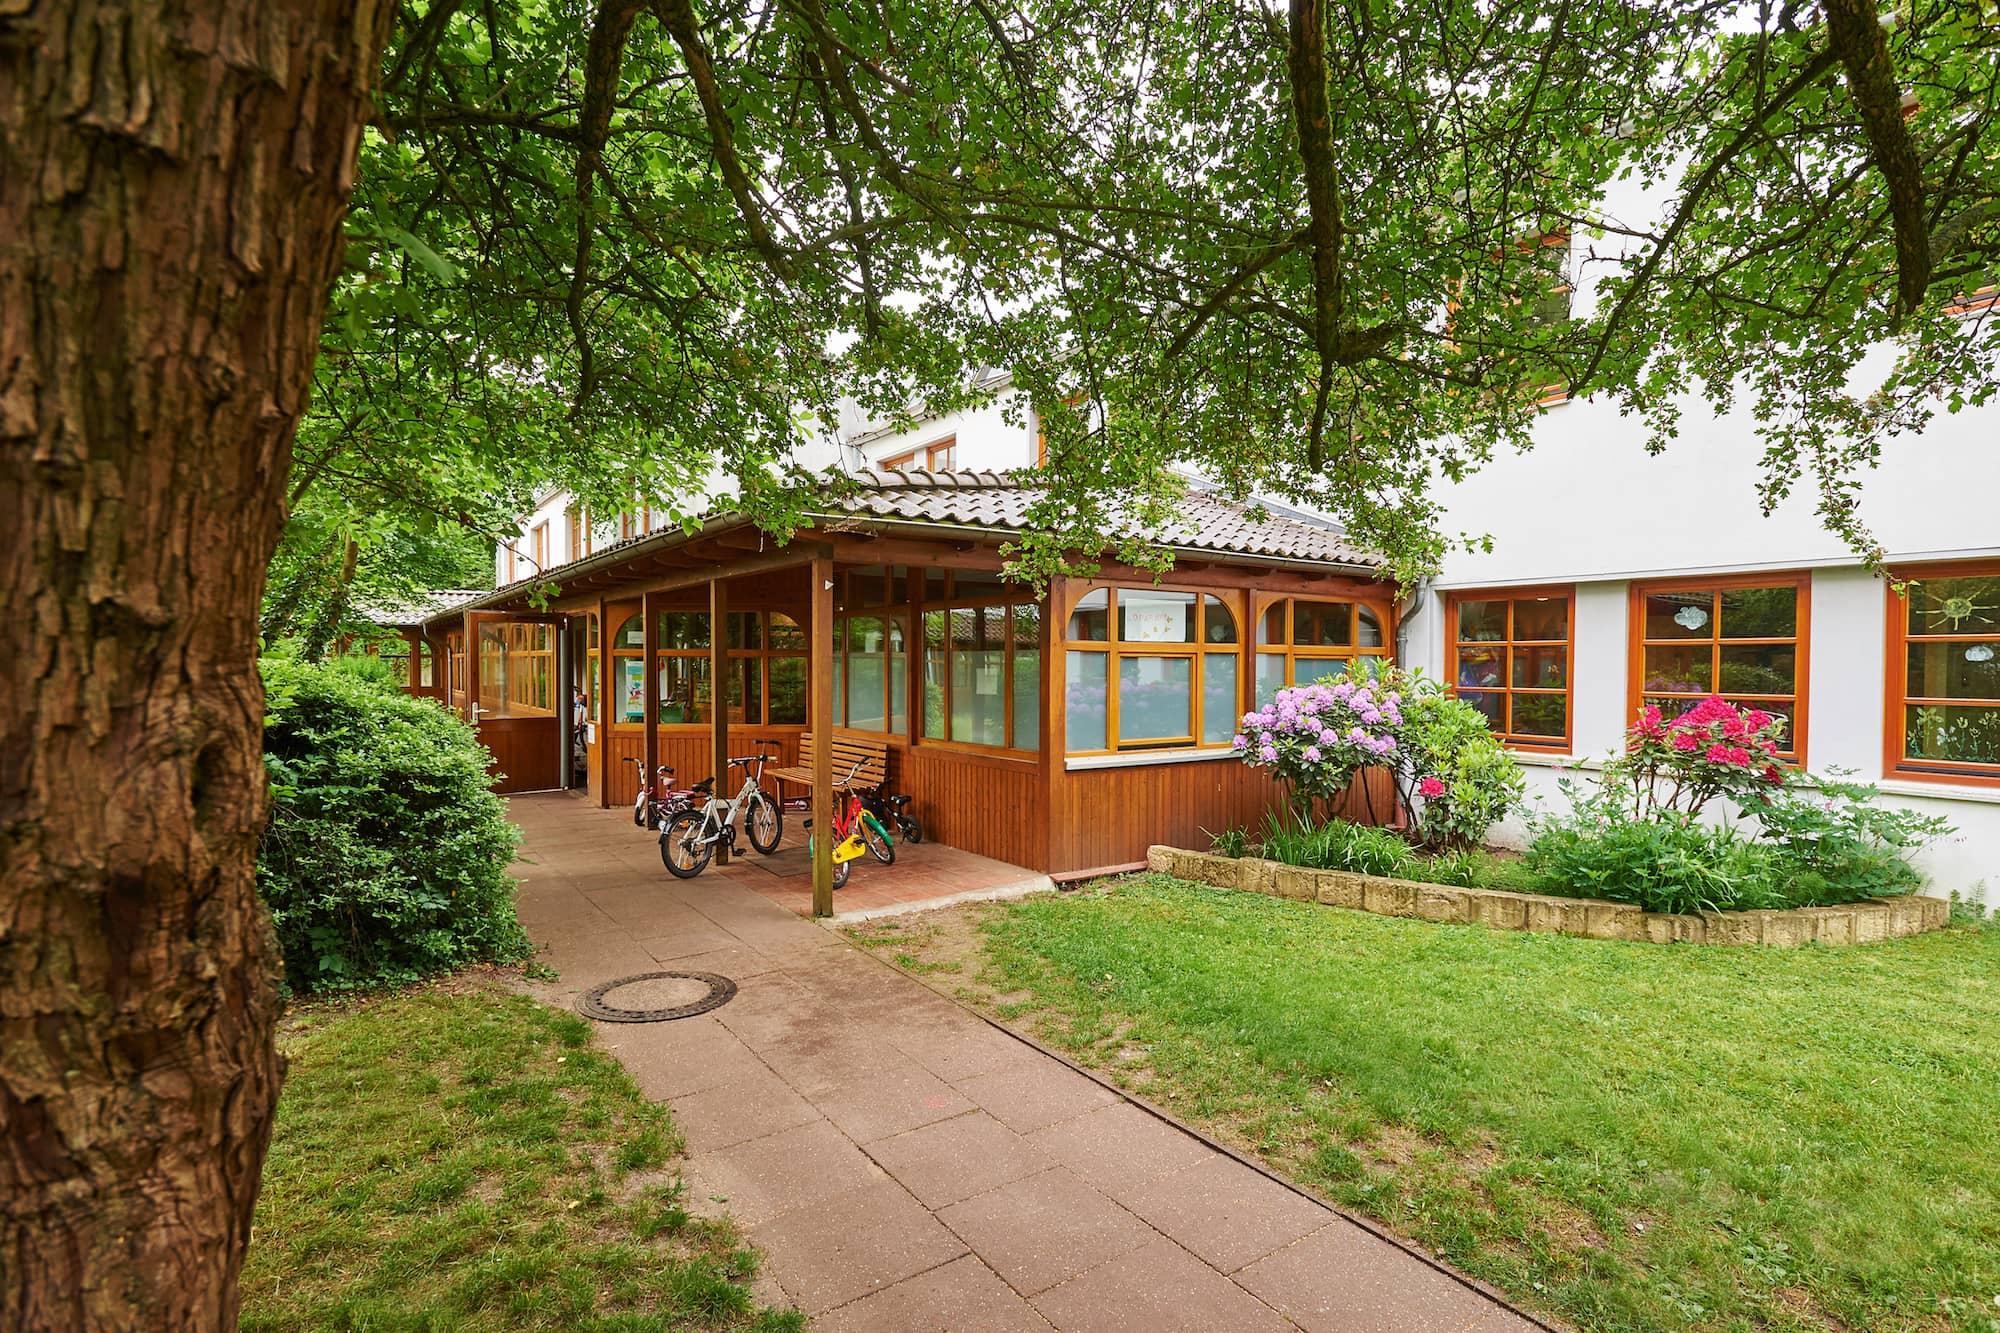 Deutsches-rotes-Kreuz-Bremen_kita-kleine-marsch Kinderhaus Baumhöhle